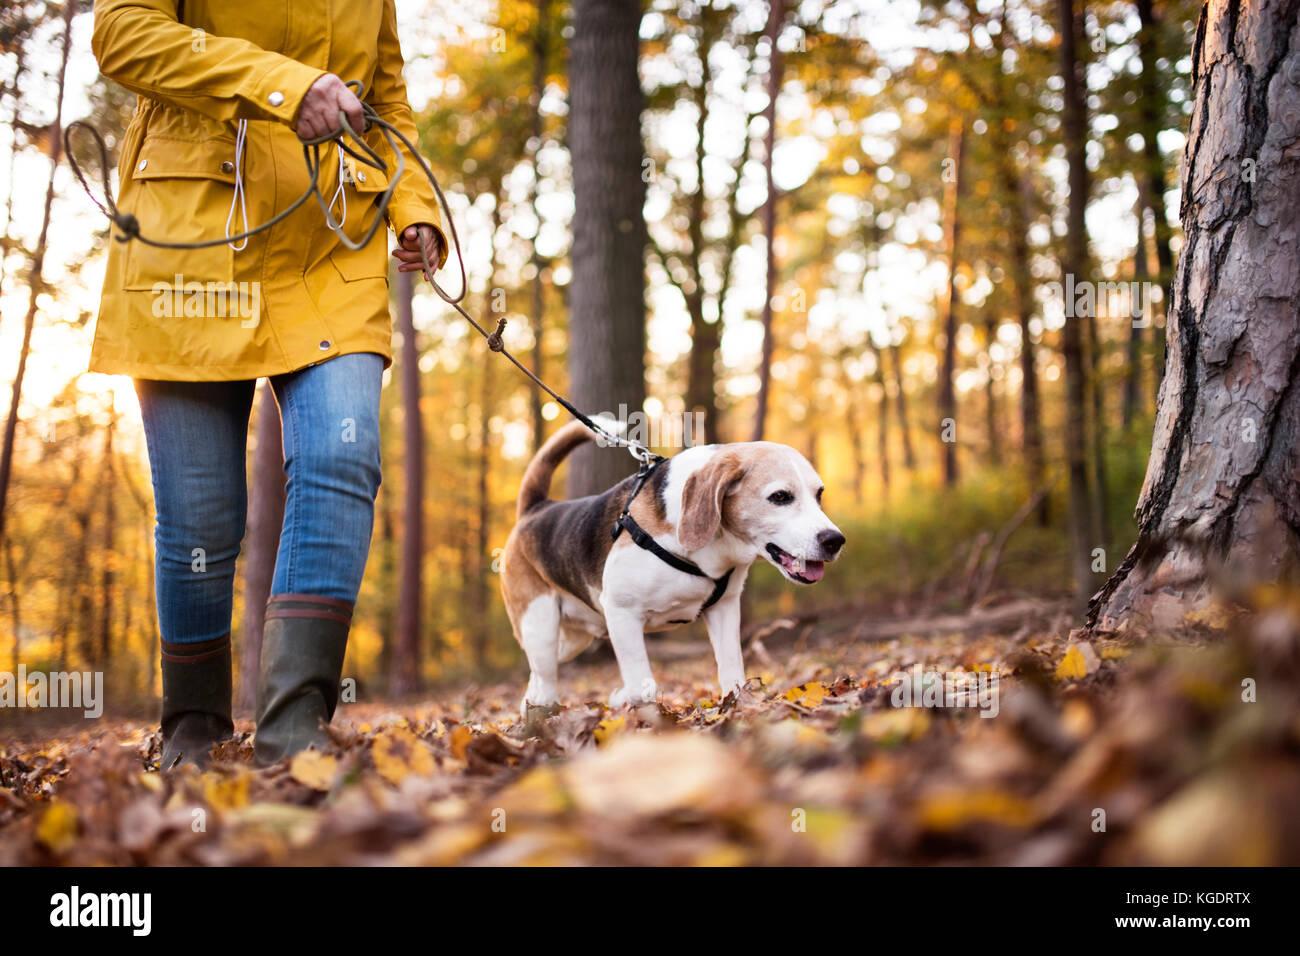 Ältere Frau mit Hund auf einem Spaziergang im Wald. Stockfoto